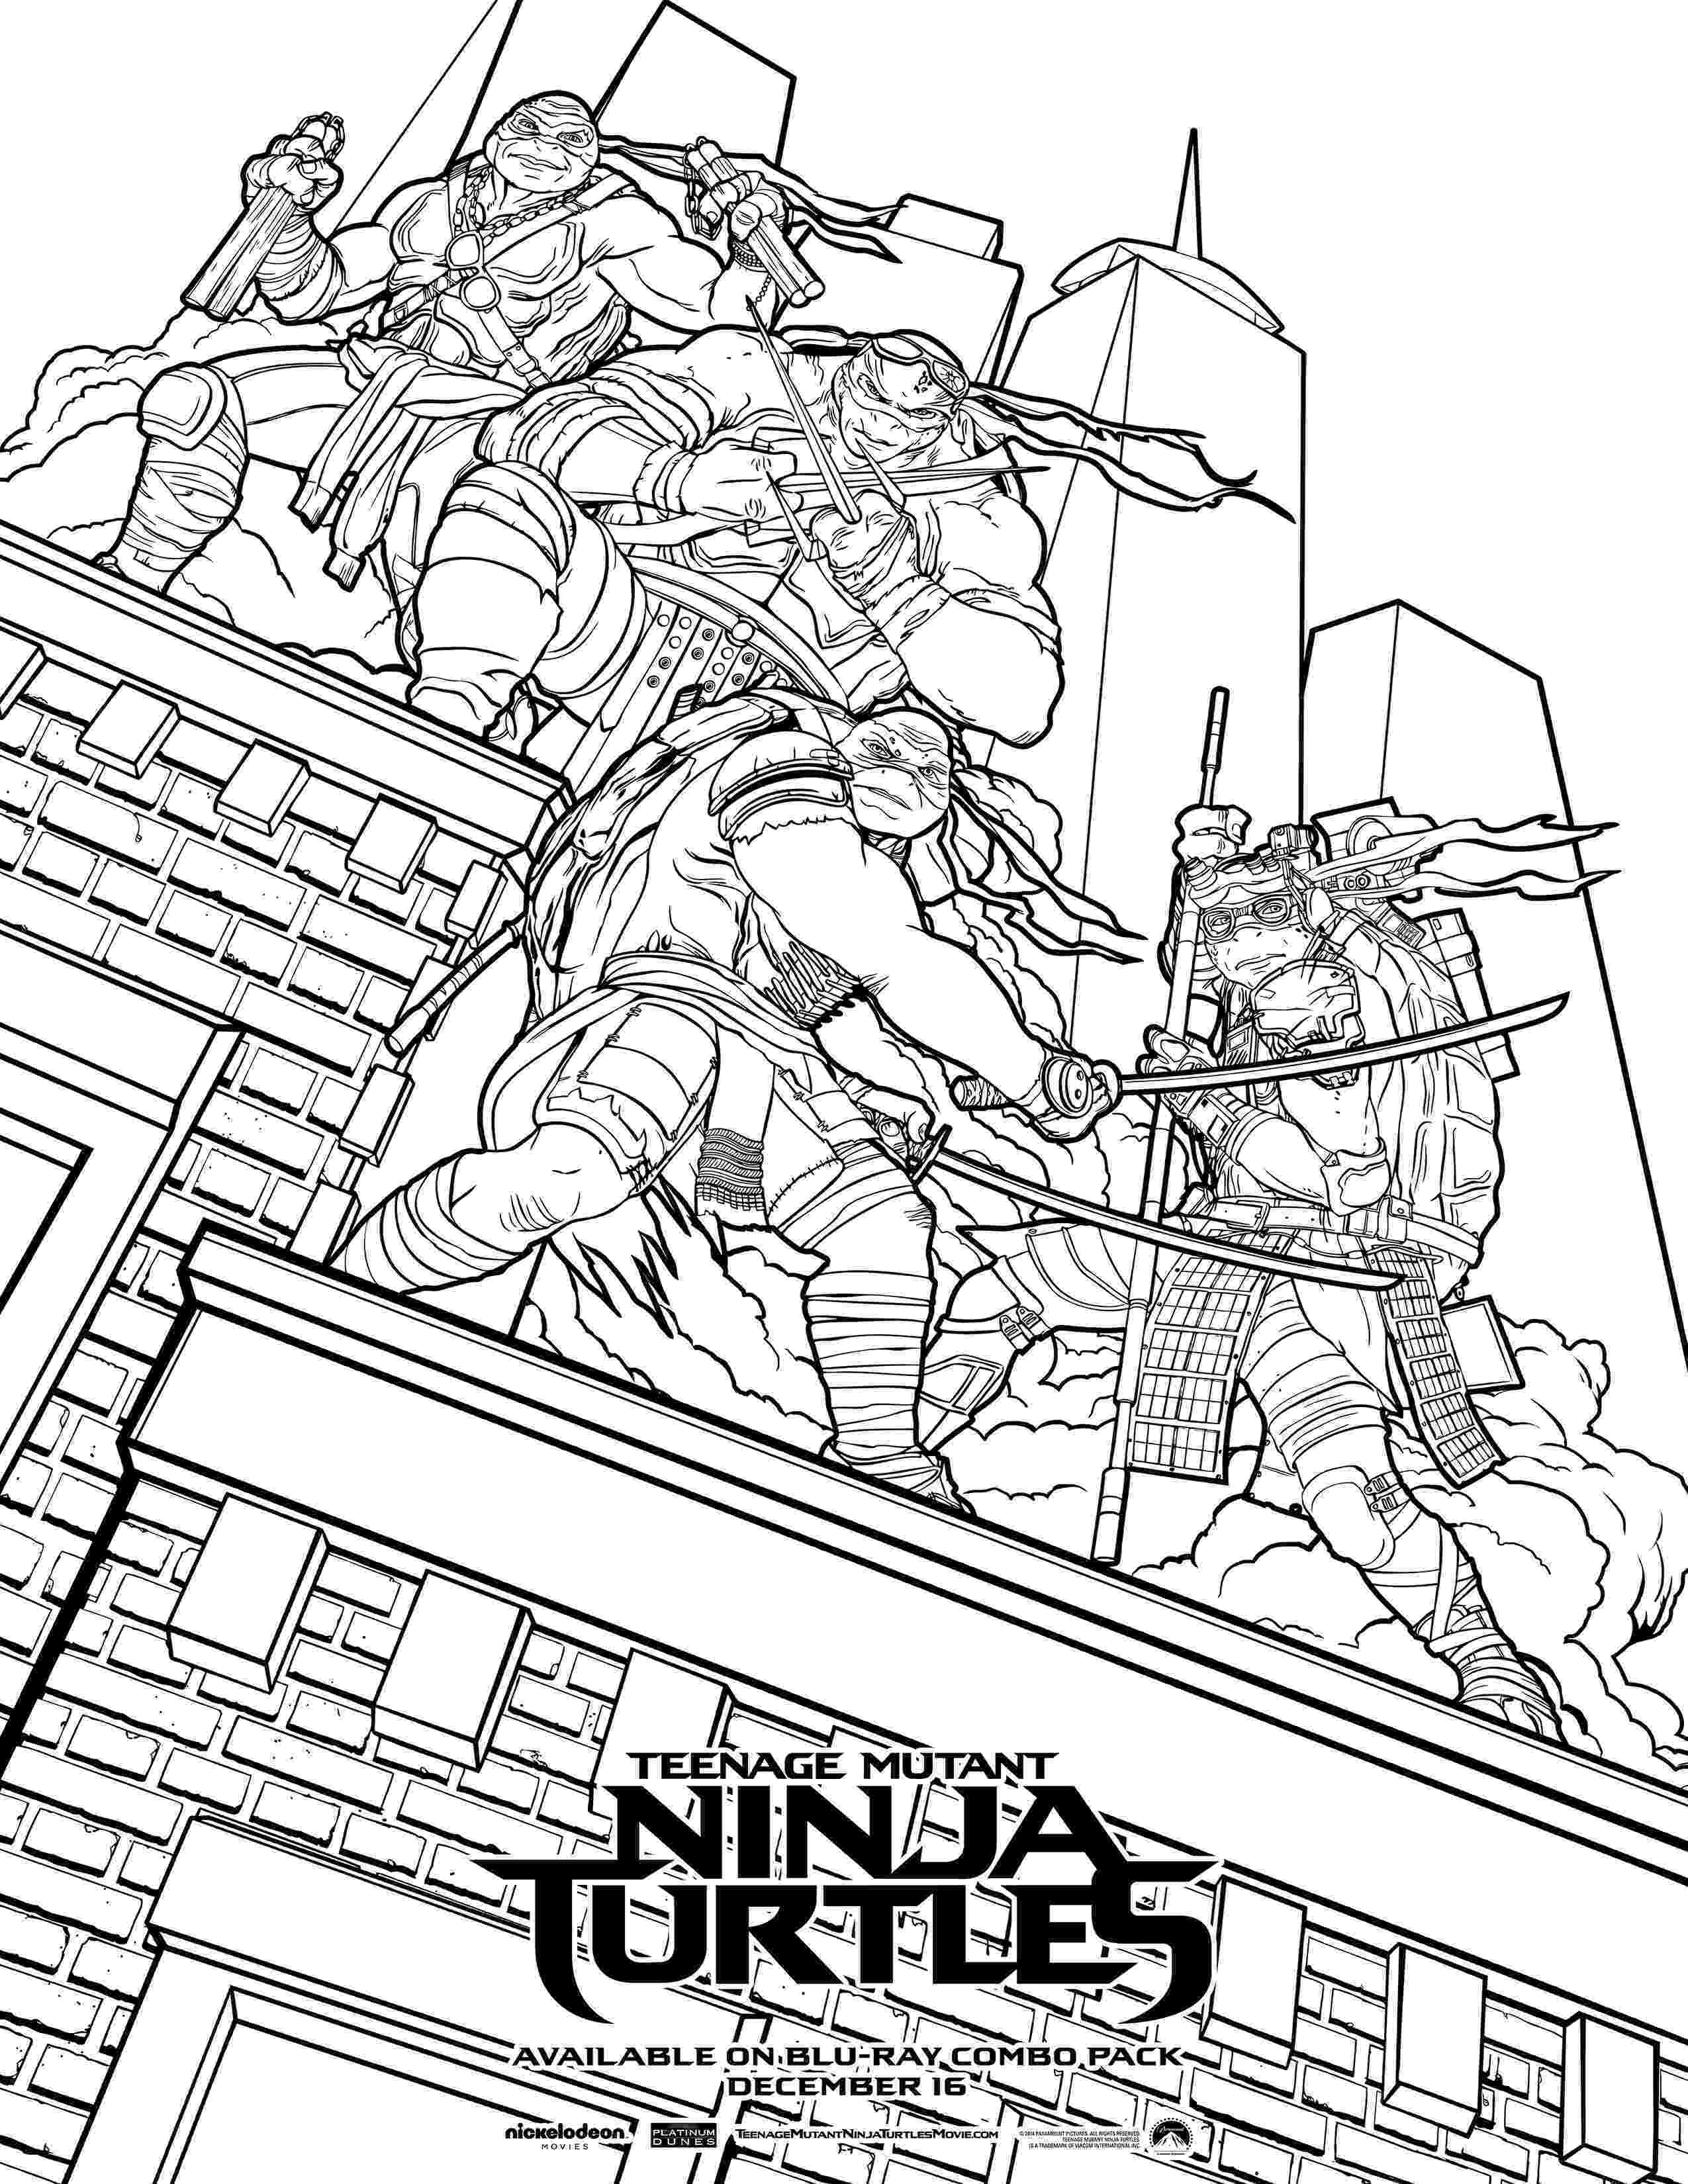 tmnt coloring teenage mutant ninja turtles coloring pages tmnt coloring